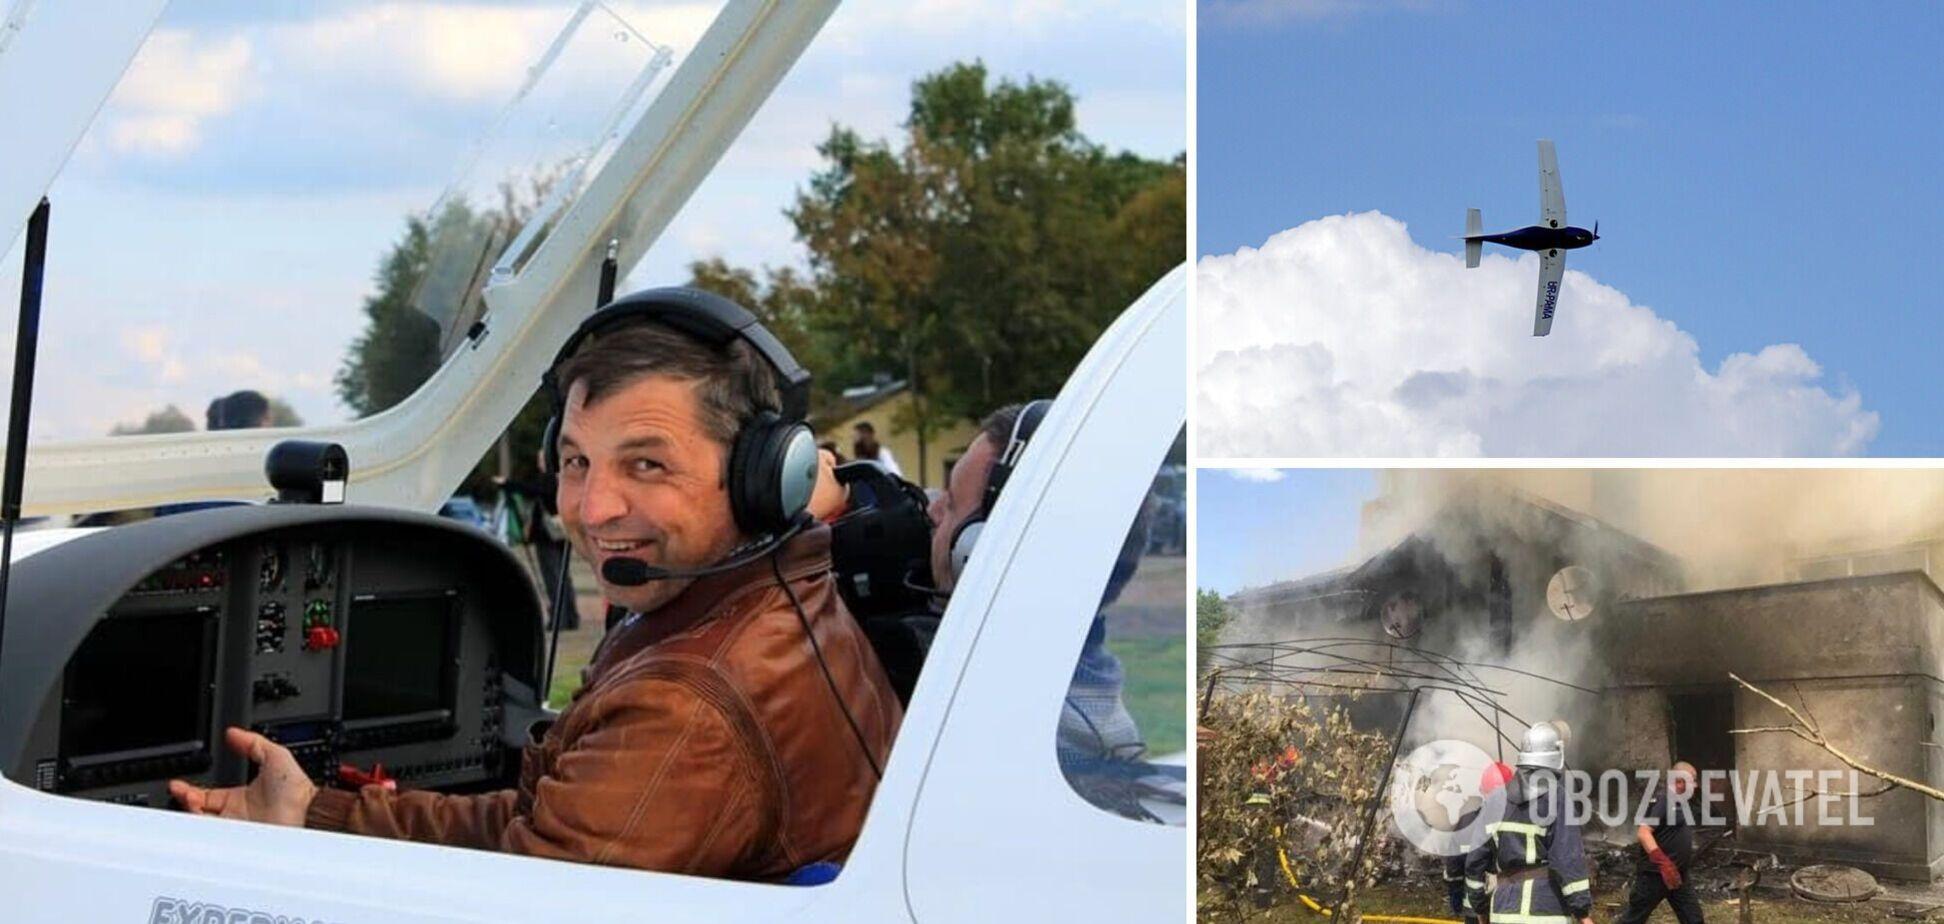 На Прикарпатье легкомоторный самолет упал на дом, в катастрофе погиб легендарный летчик. Фото и видео